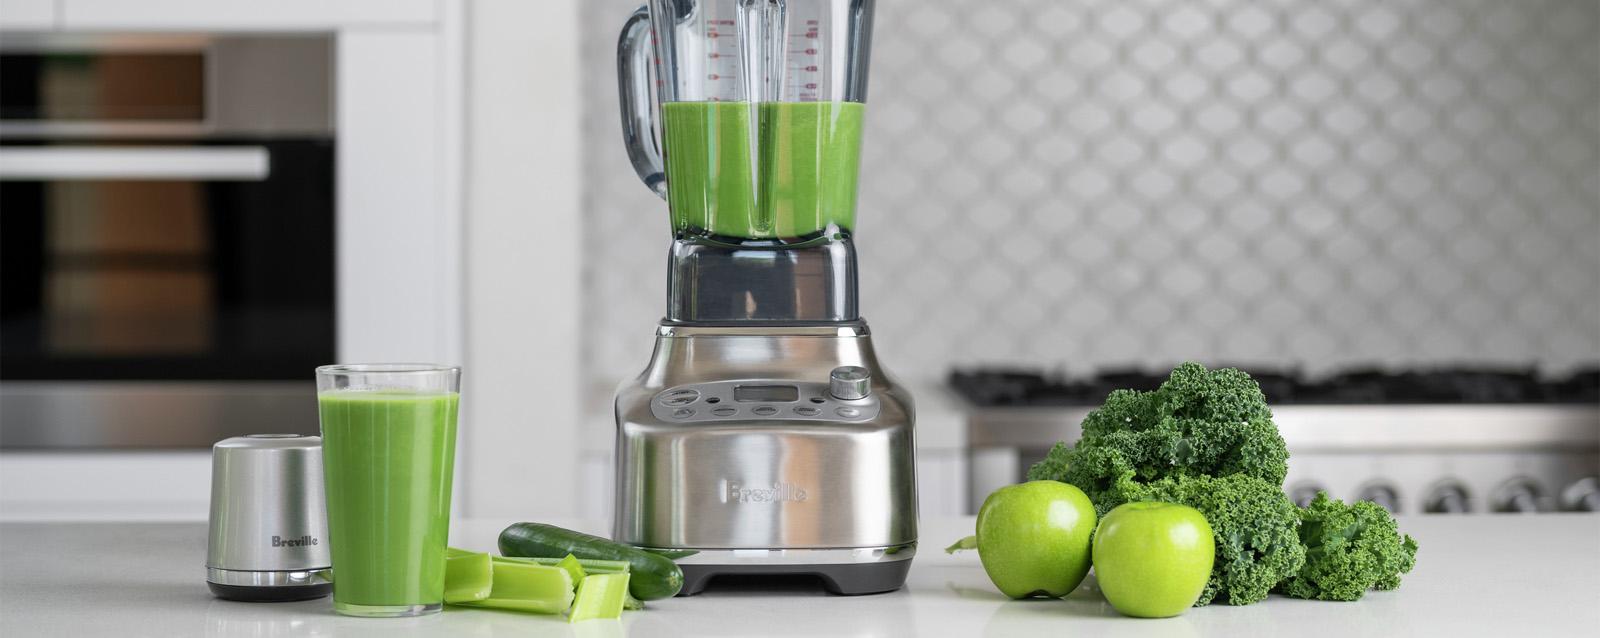 best blender for green smoothies australia